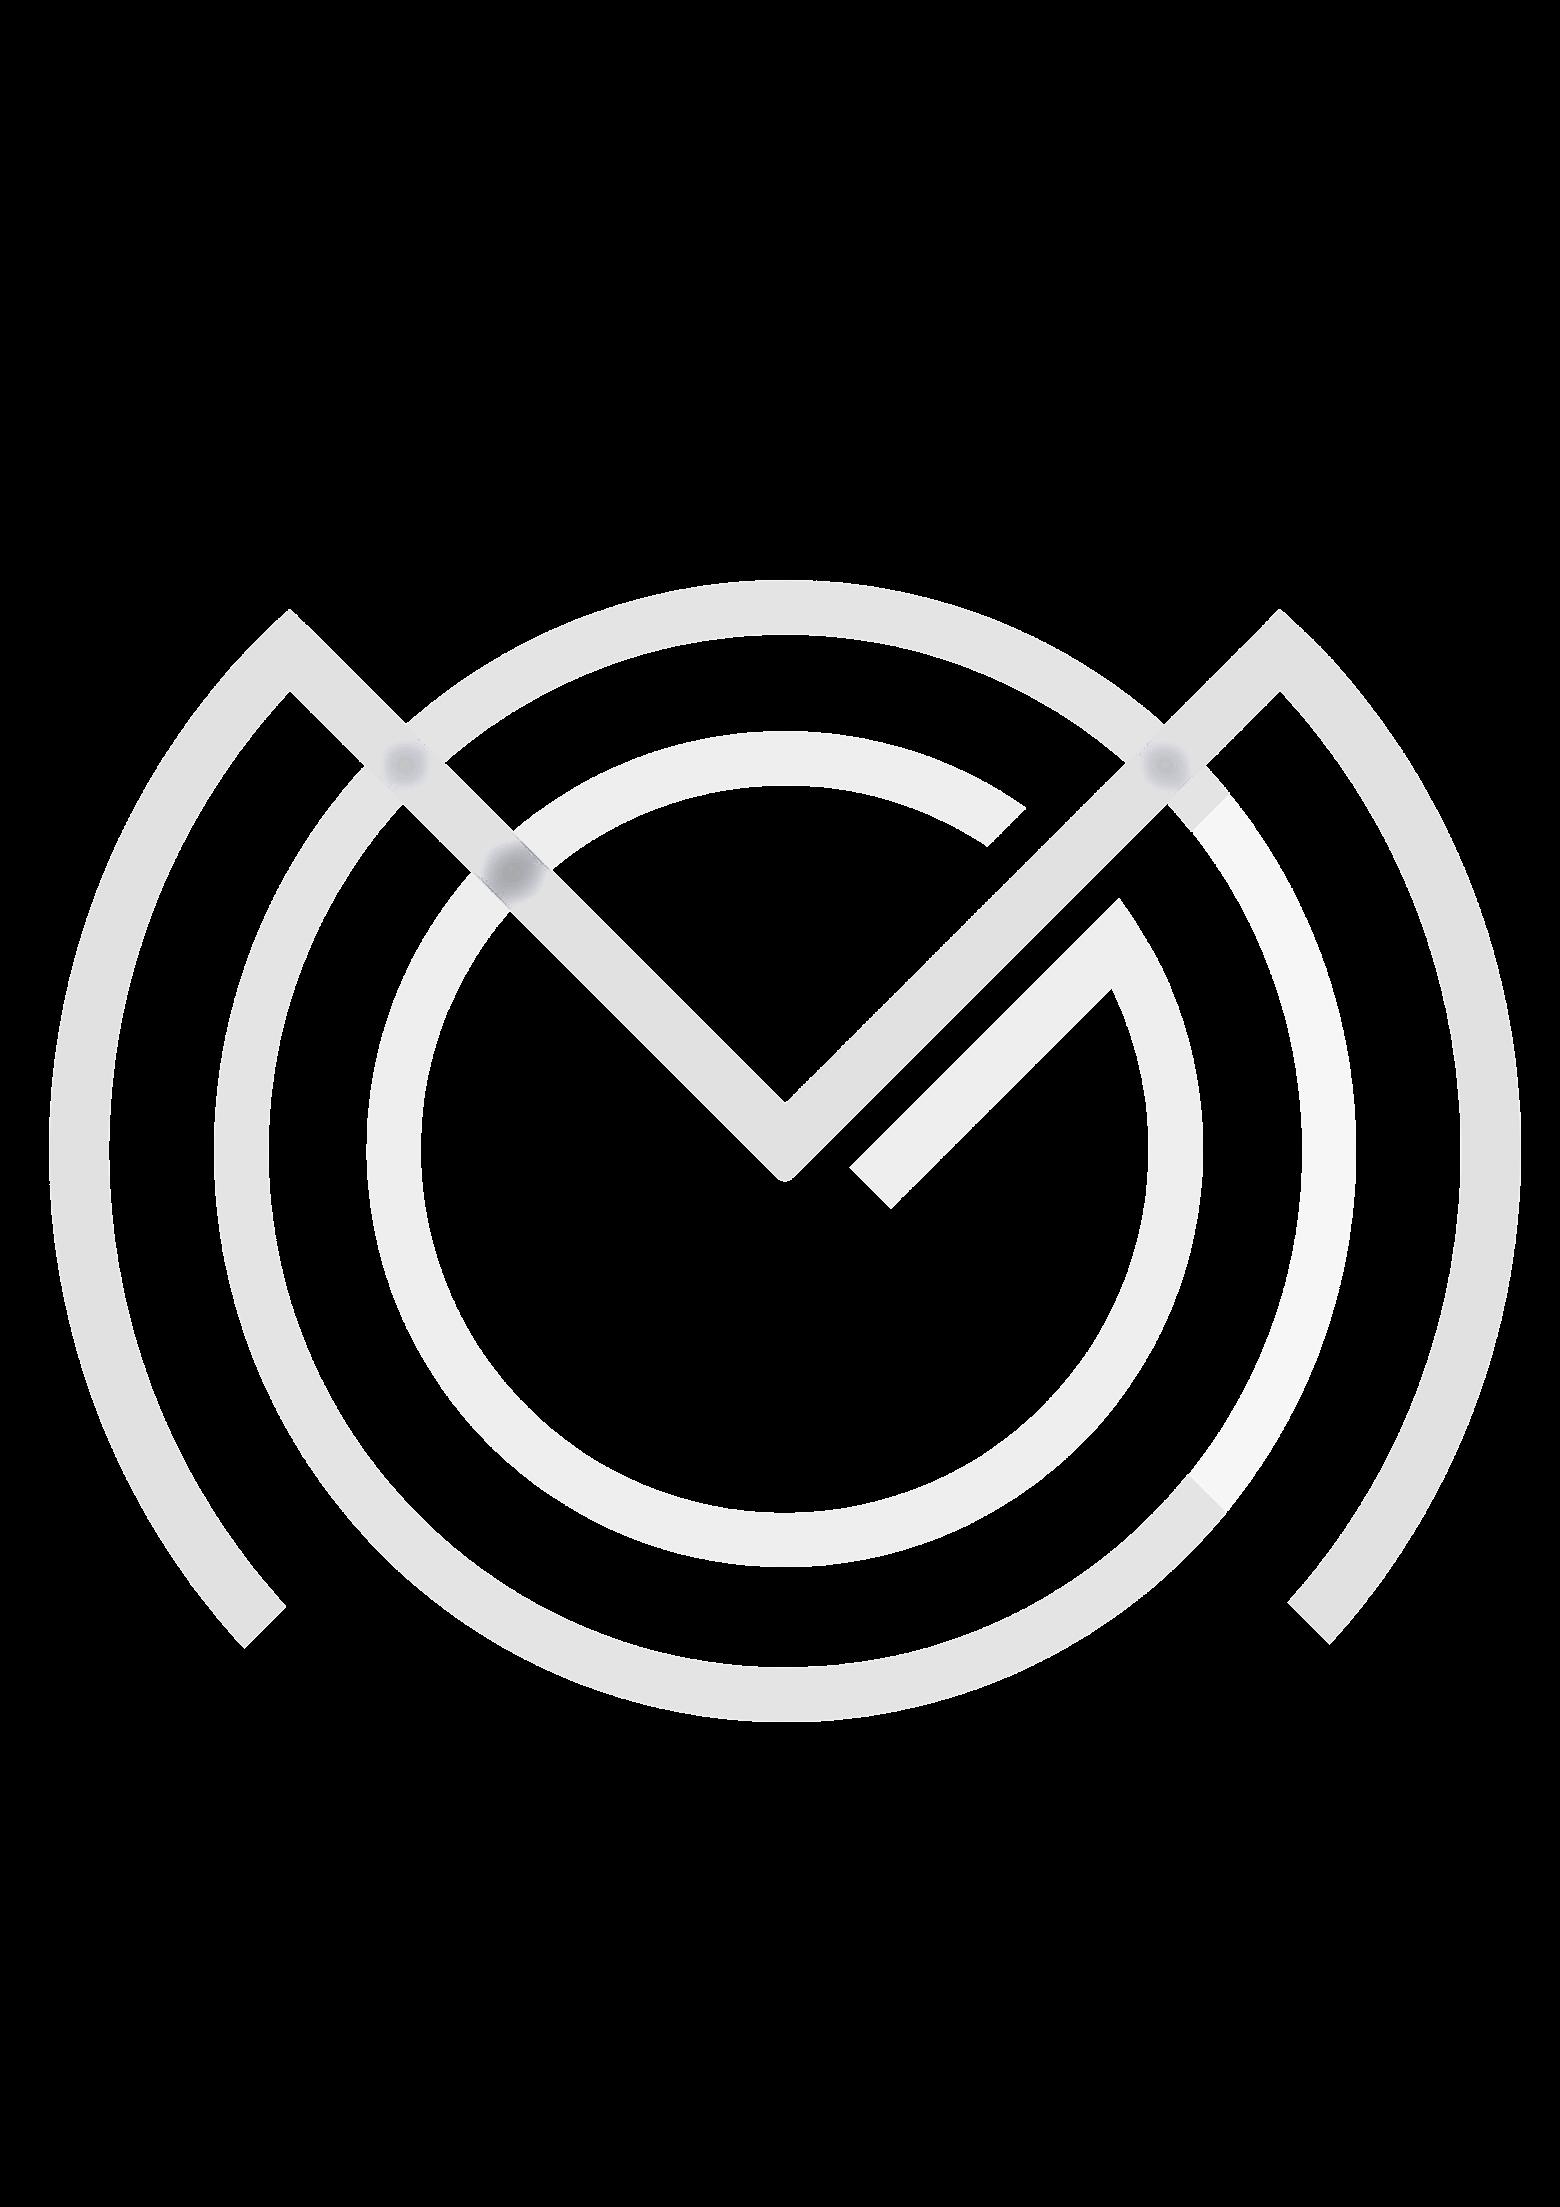 celal gonul trans logo